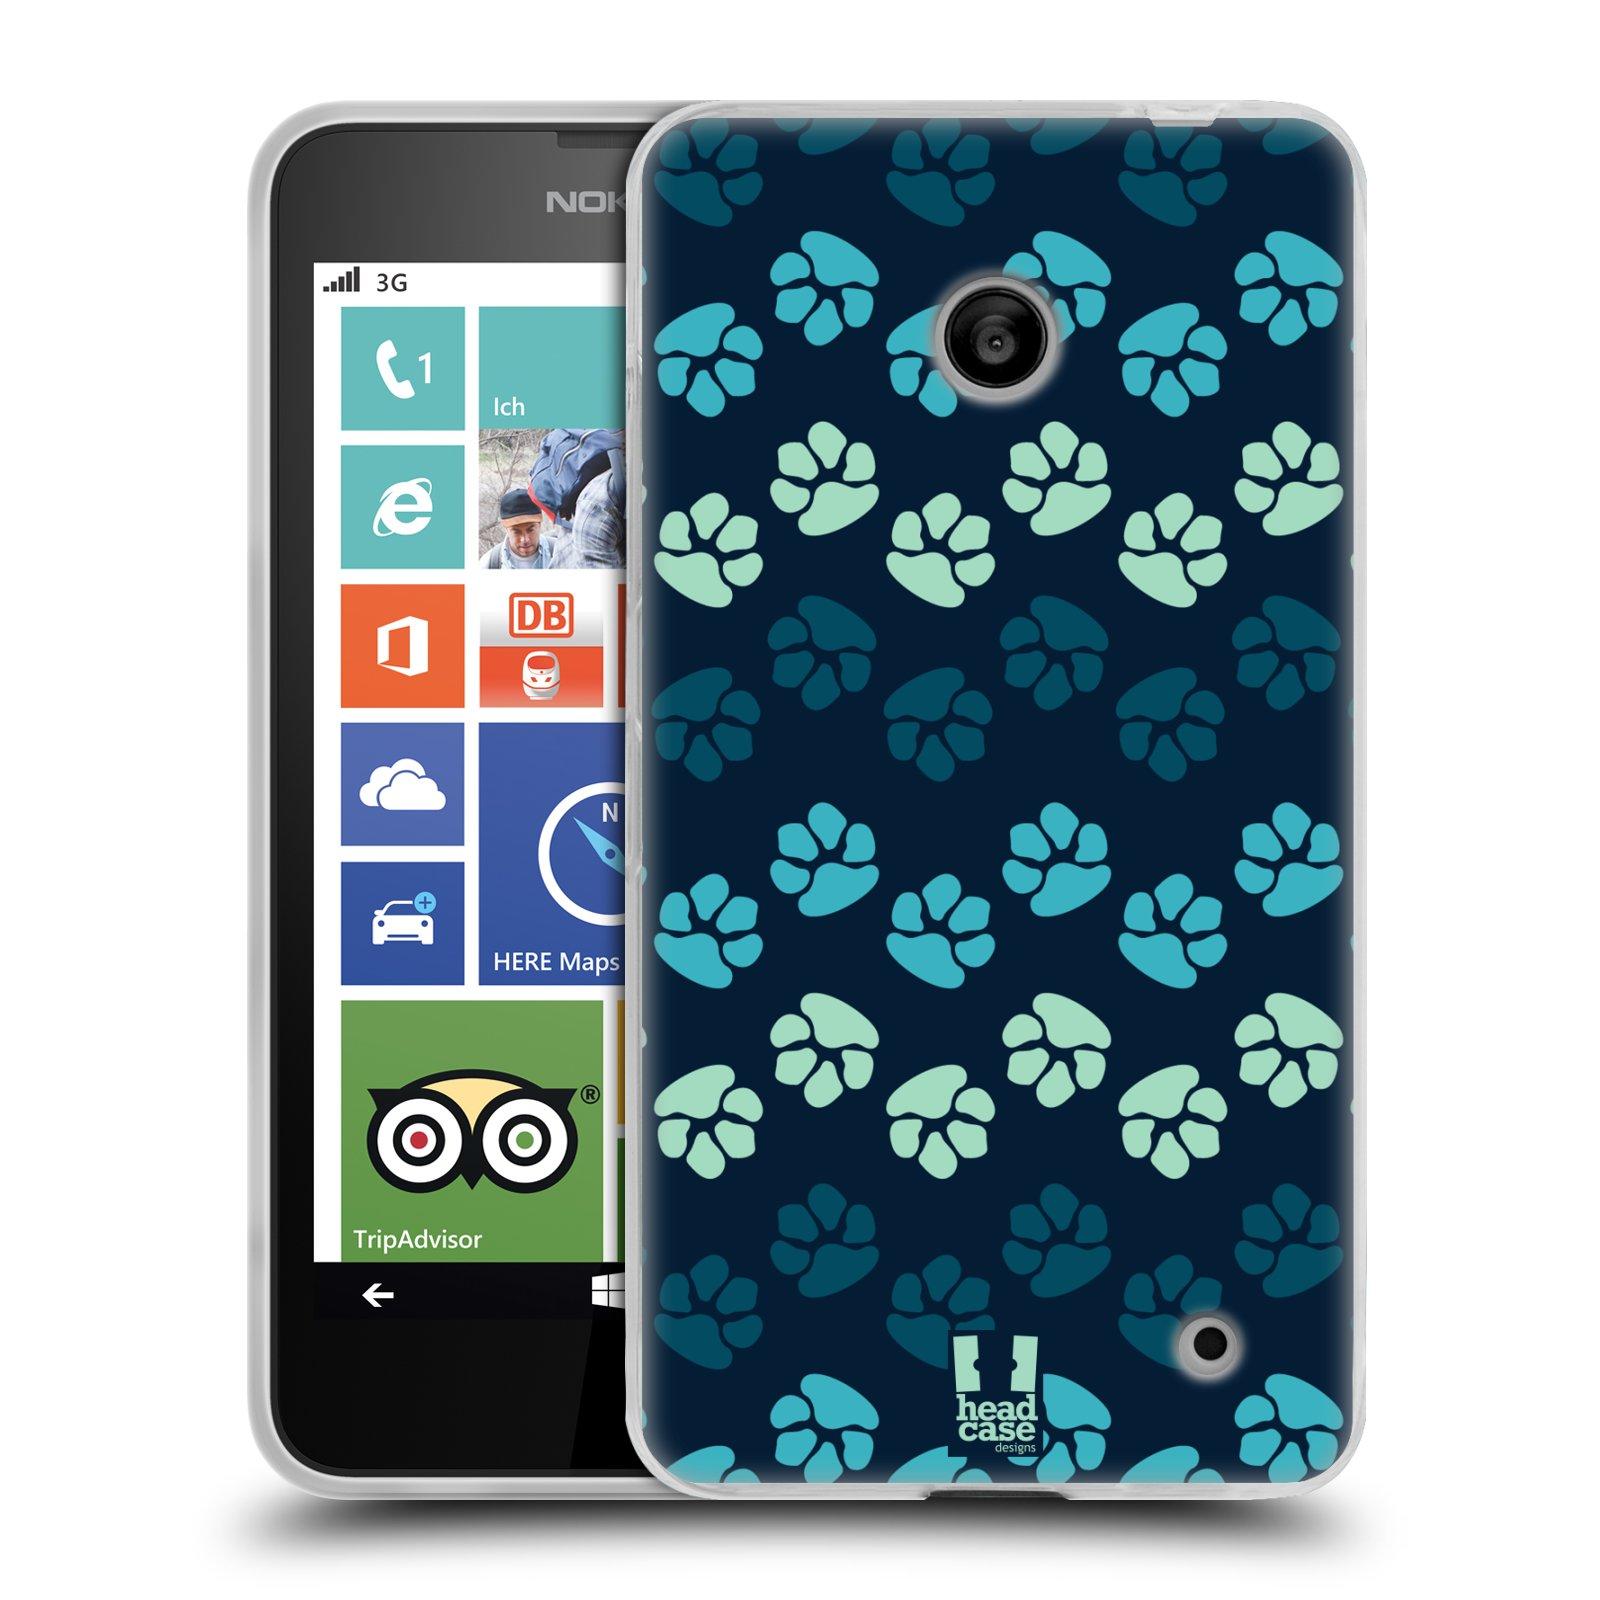 Silikonové pouzdro na mobil Nokia Lumia 630 HEAD CASE TLAPKY MODRÉ (Silikonový kryt či obal na mobilní telefon Nokia Lumia 630 a Nokia Lumia 630 Dual SIM)